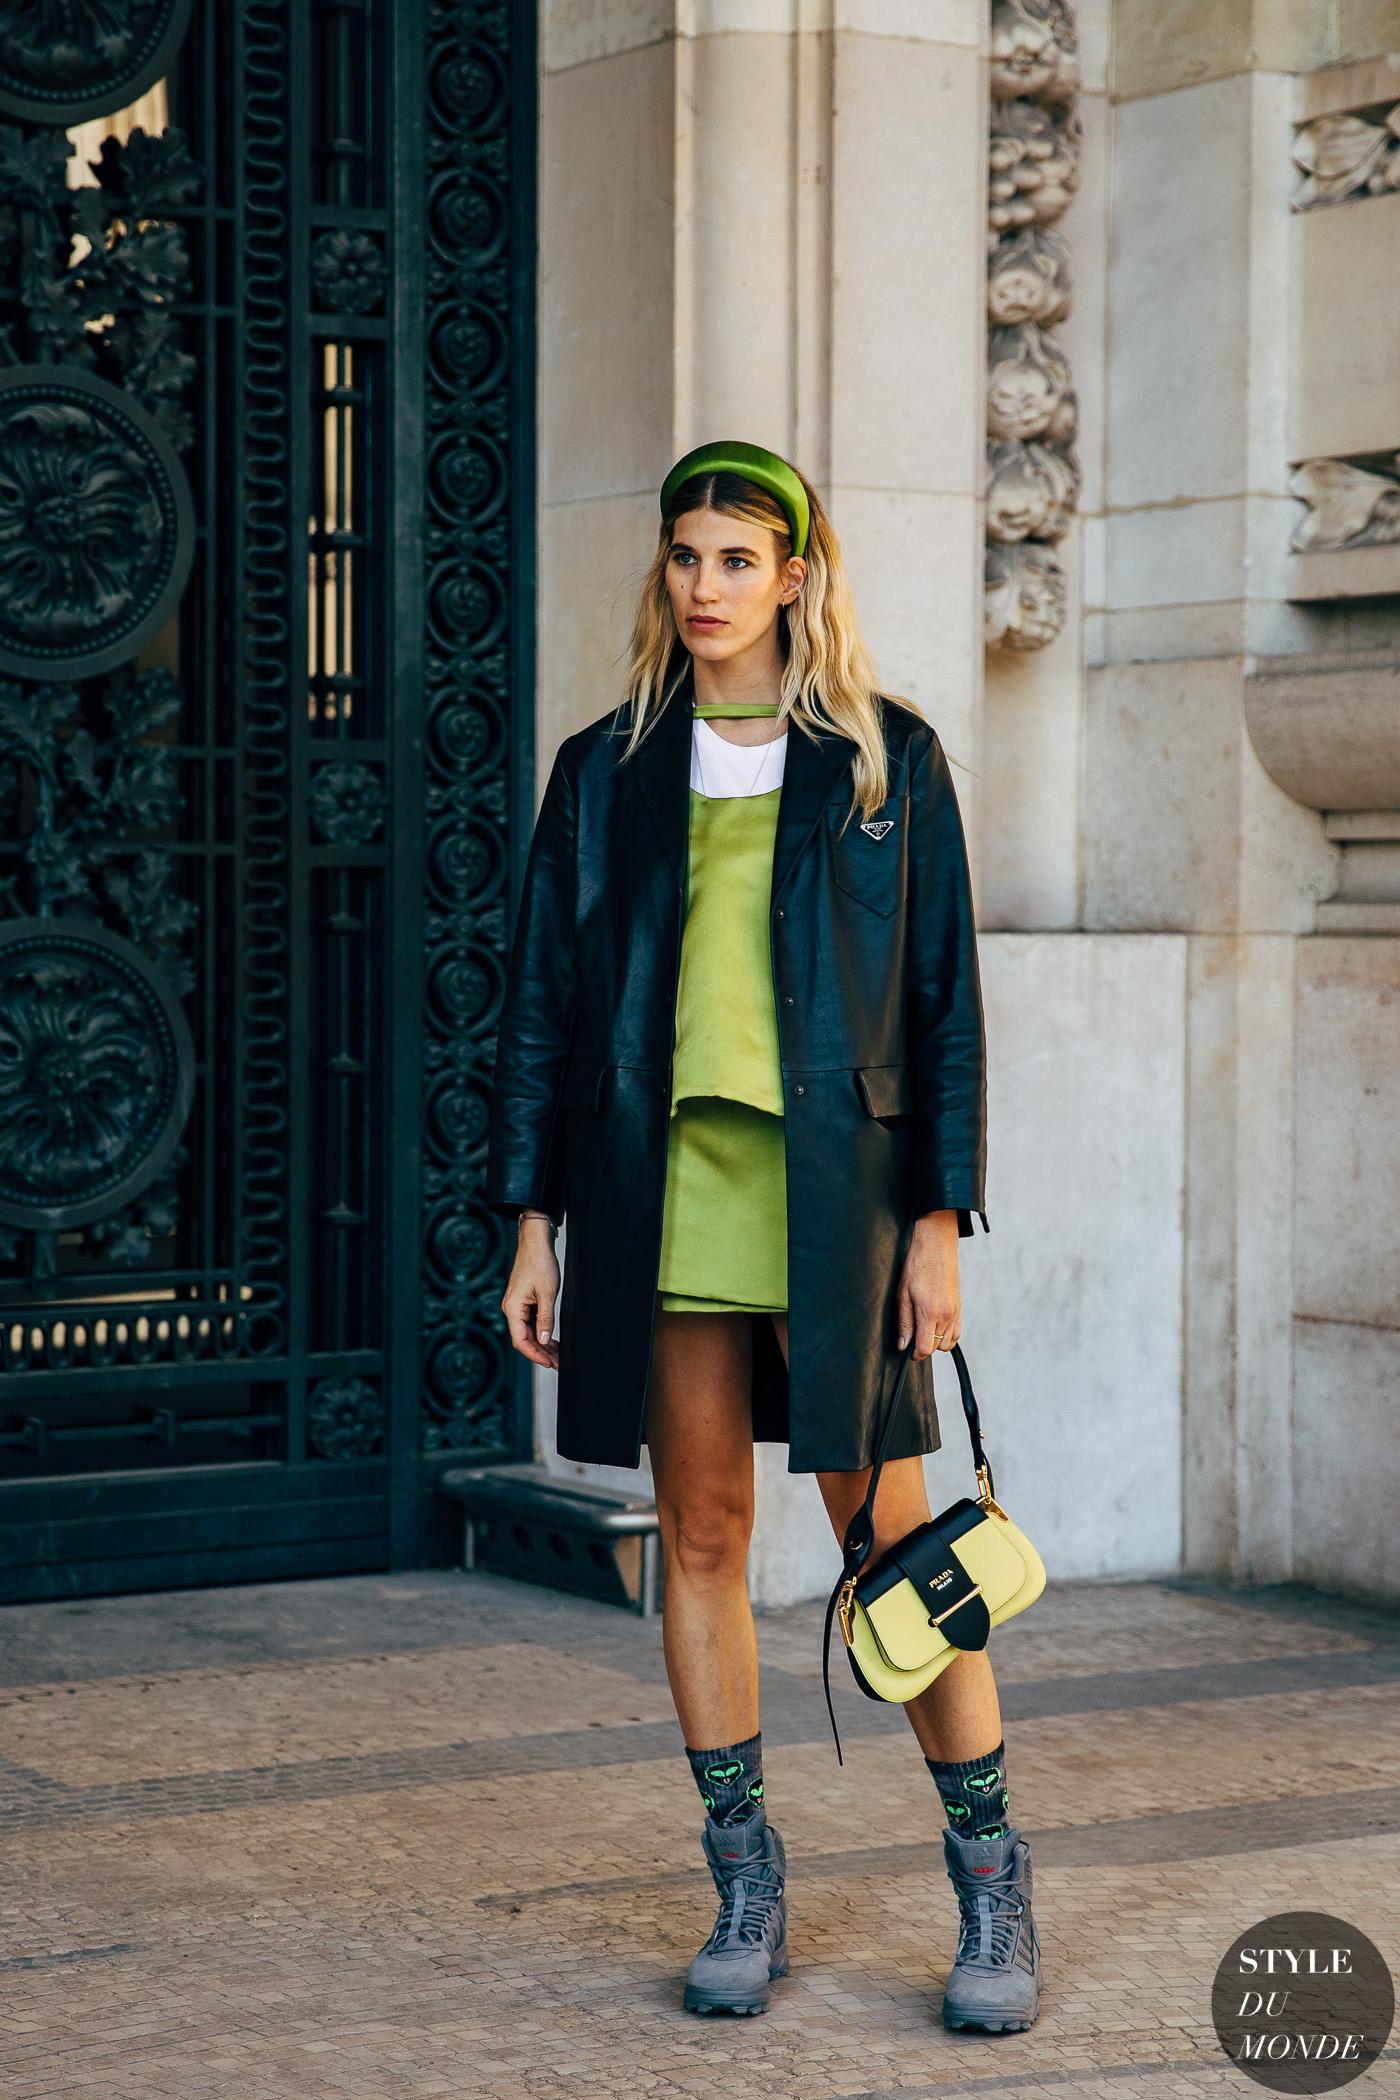 fashionista diện đầm xanh neon, blazr đen, băng đô xanh neon và dad sneakers tại tuần lễ thời trang paris thu - đông 2019